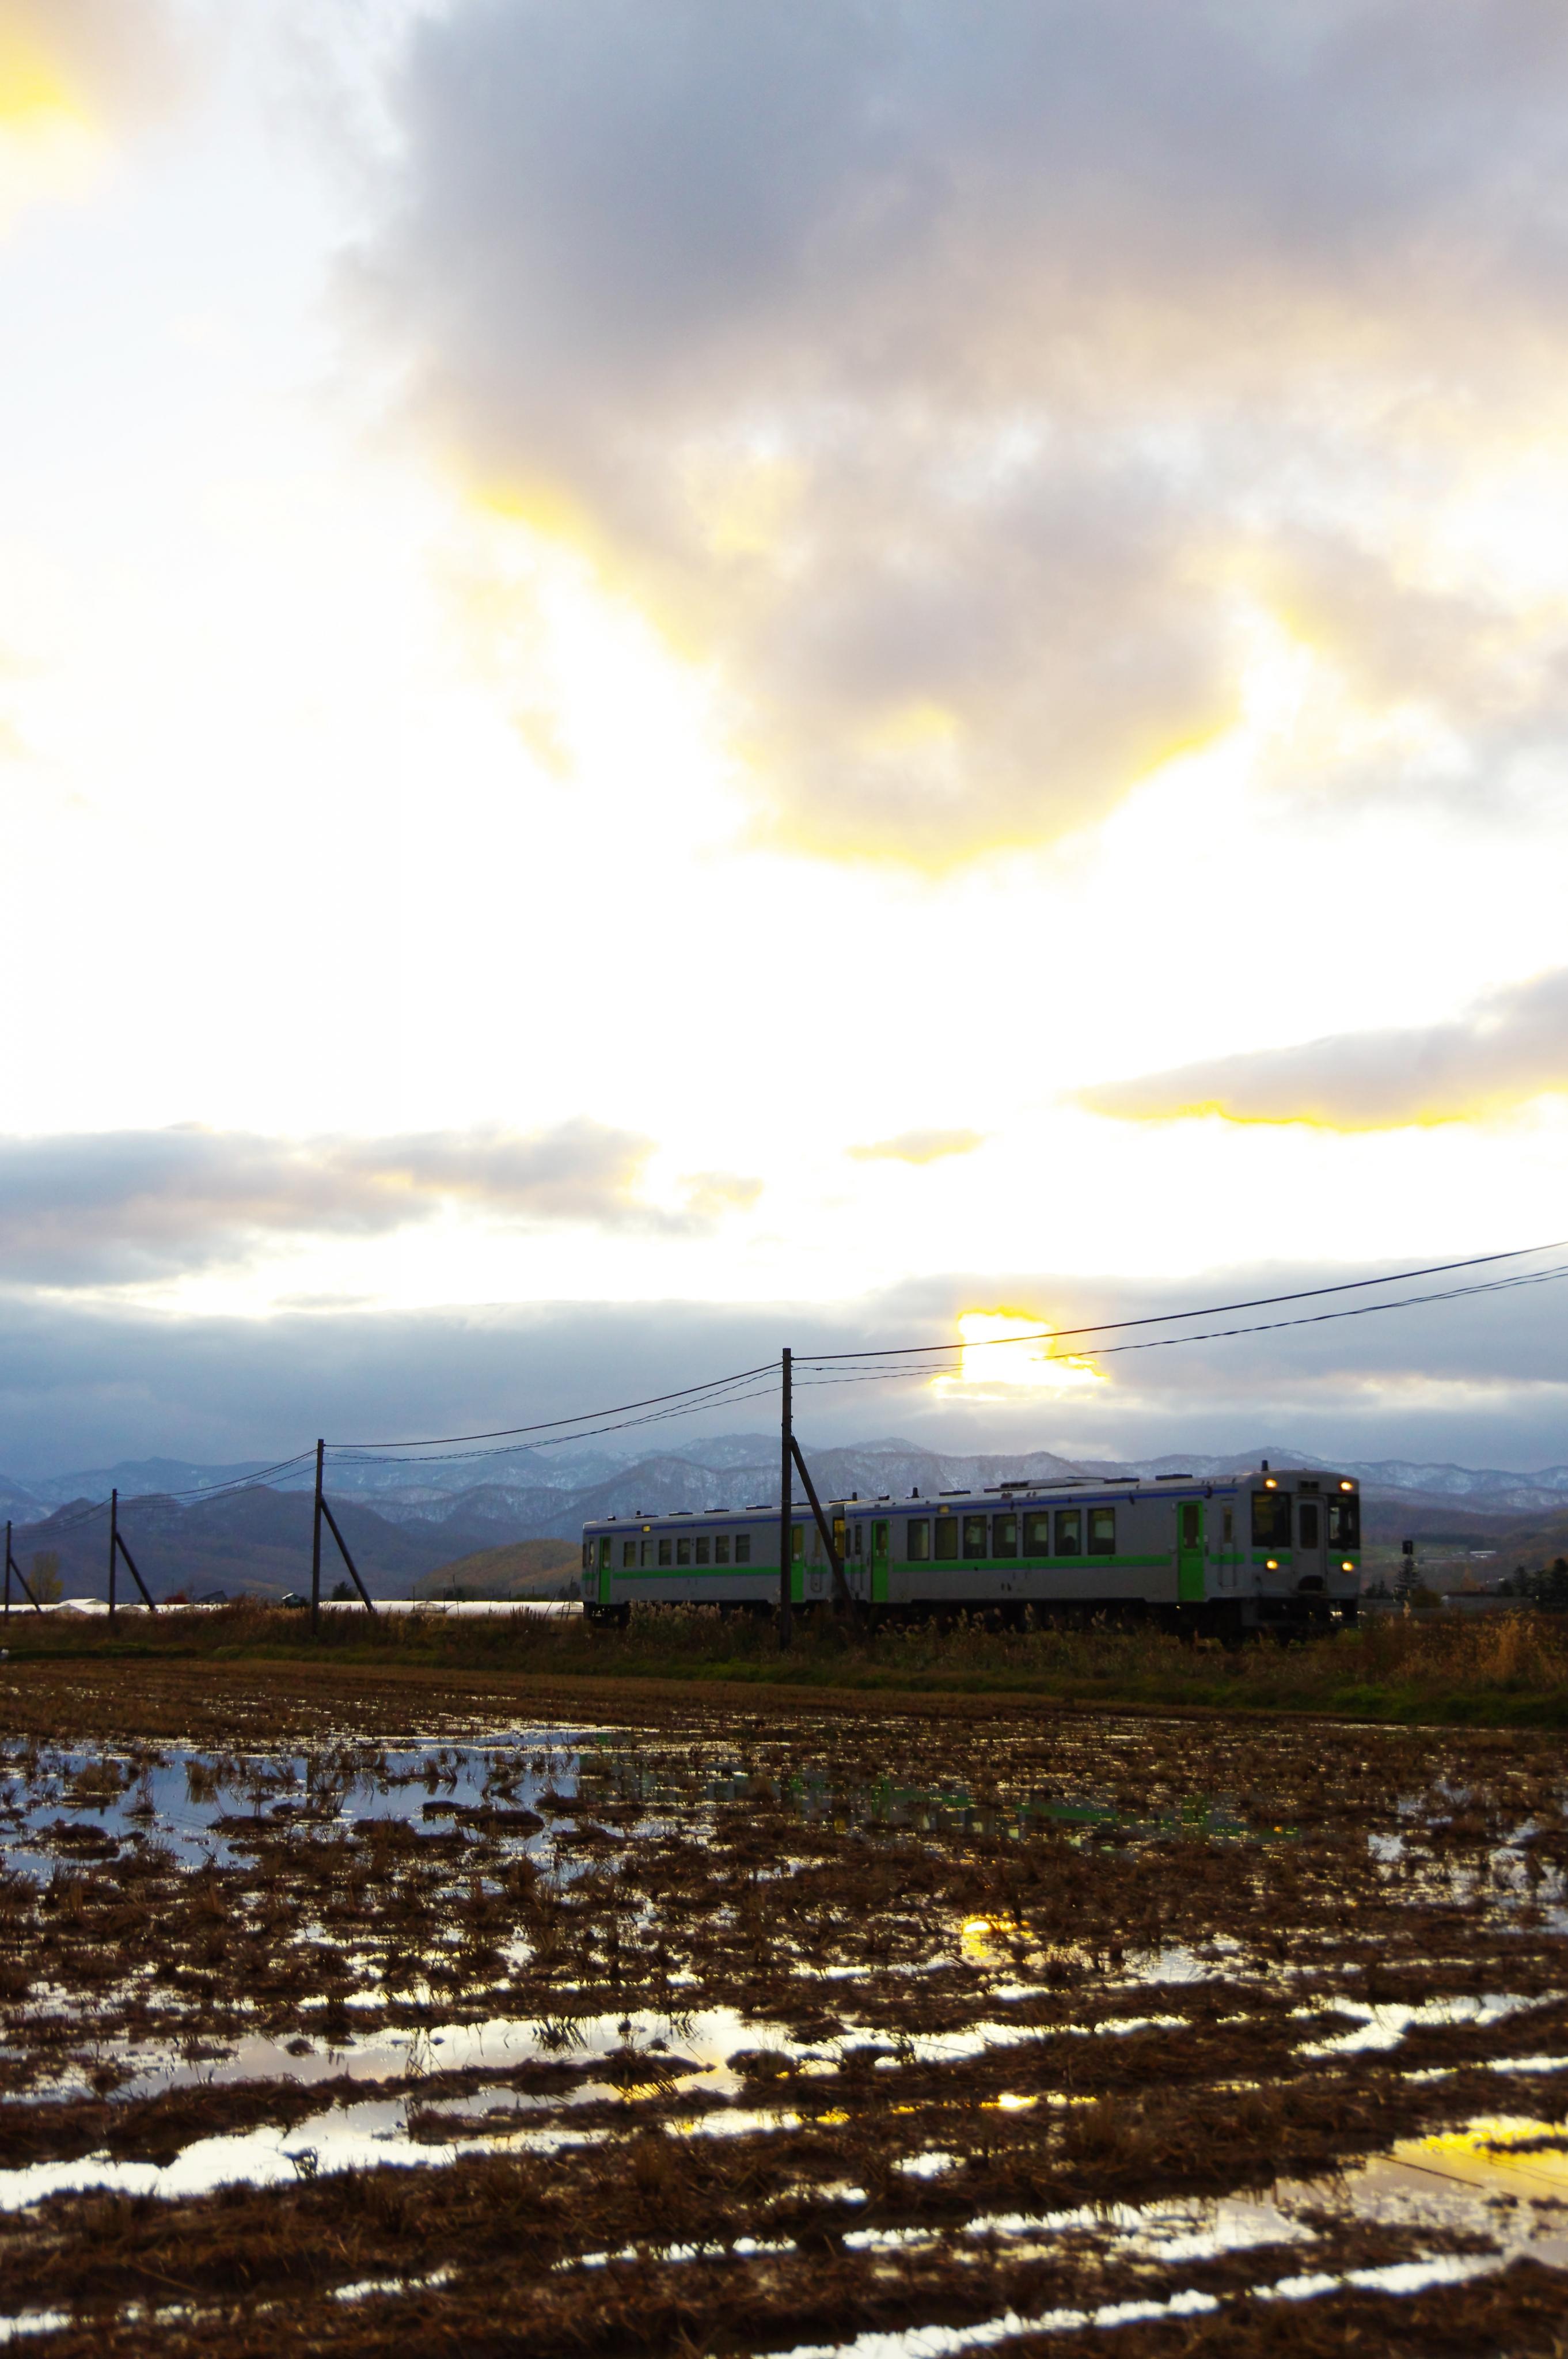 キハ150 1945D 仁木−余市 191109.jpg